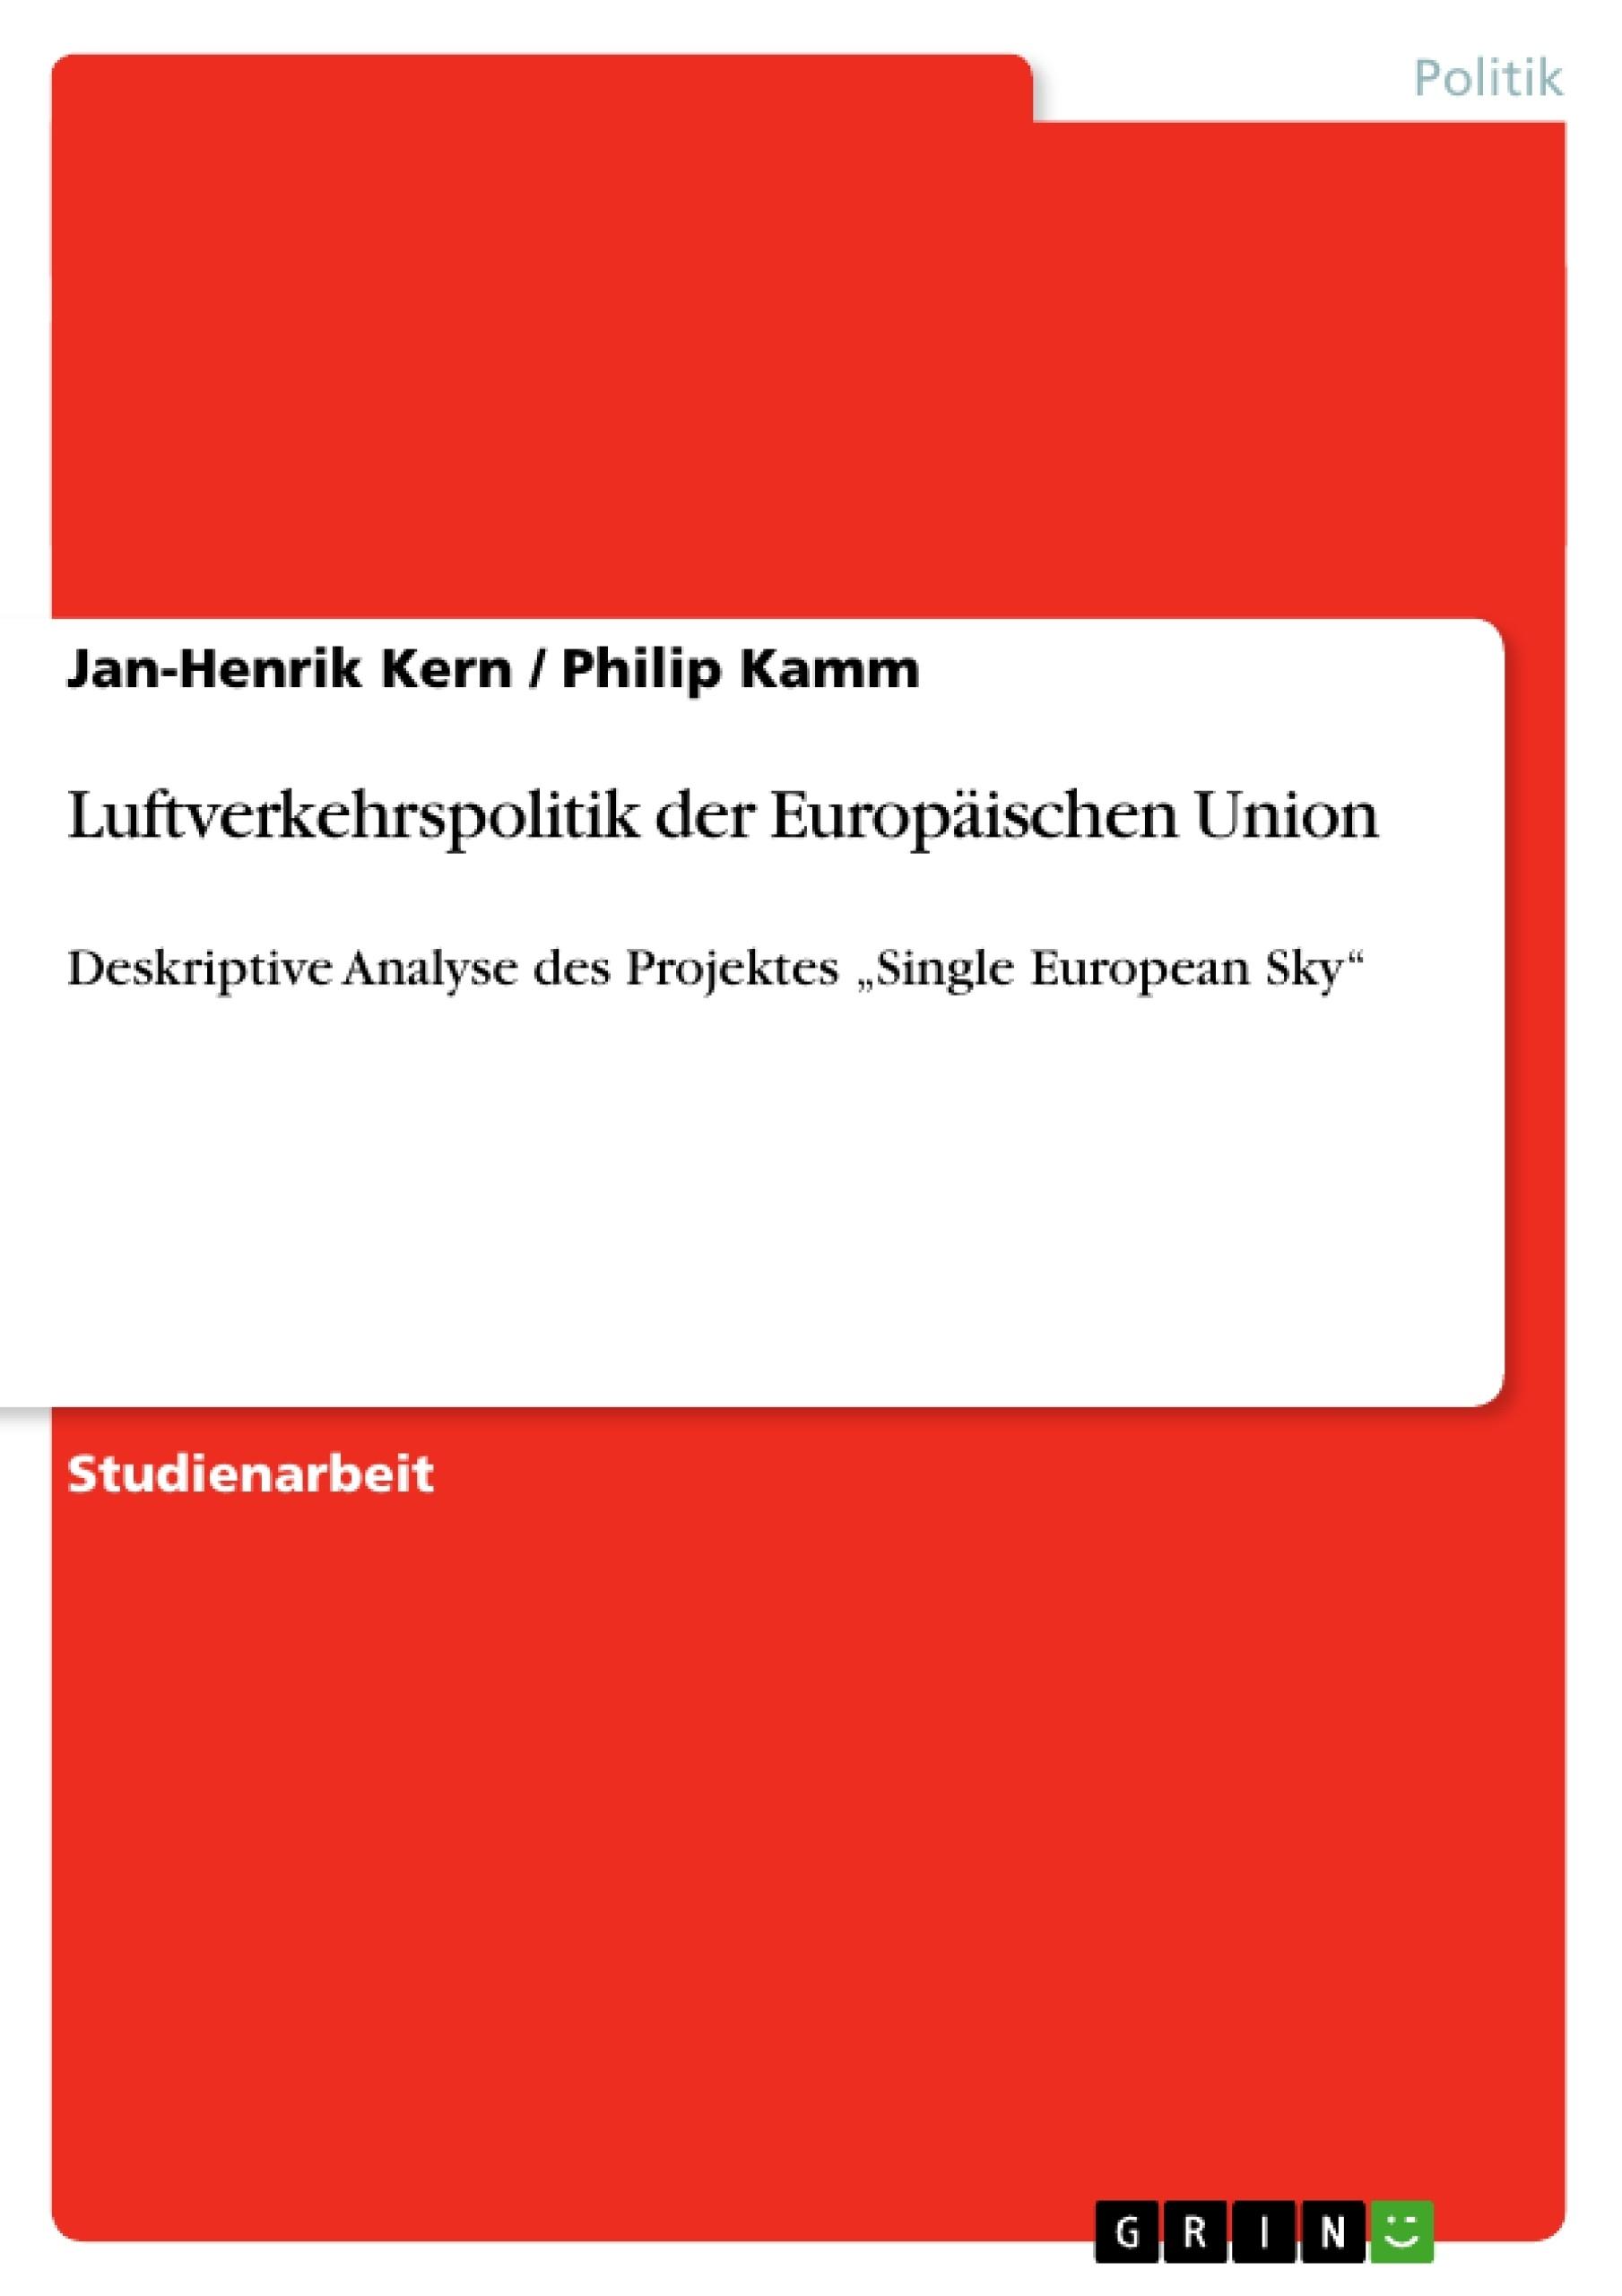 Titel: Luftverkehrspolitik der Europäischen Union